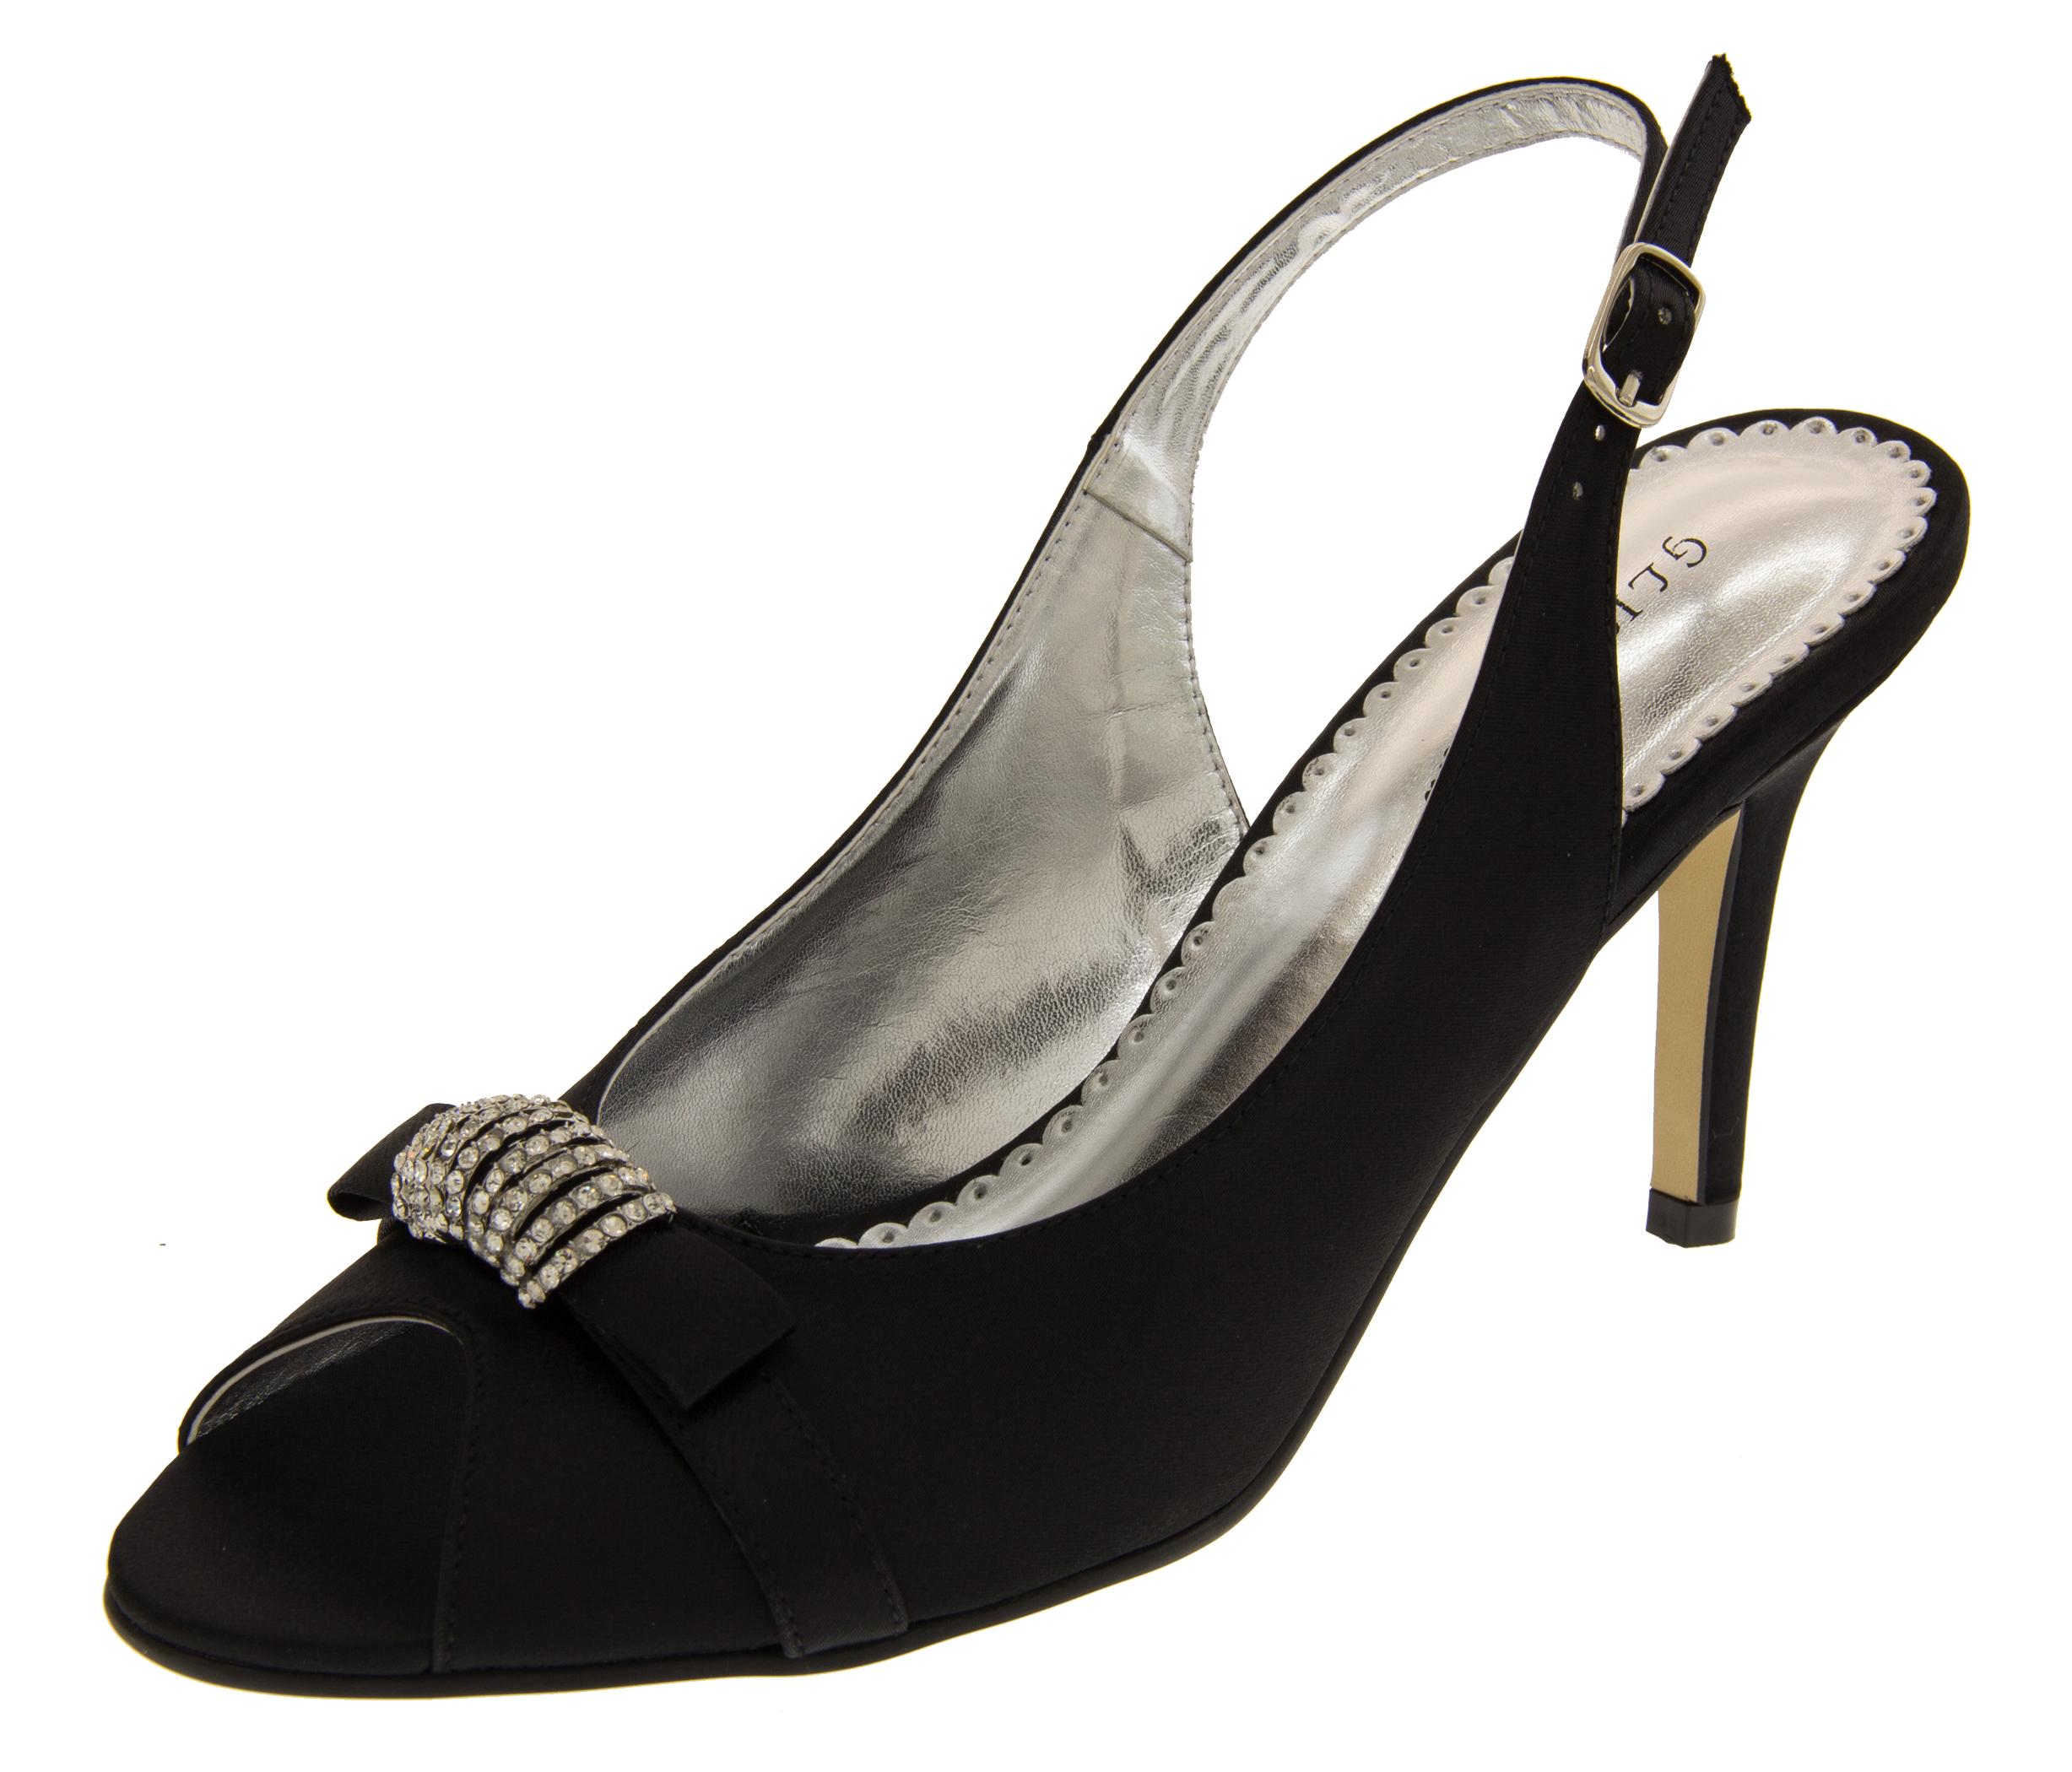 Ladies Mid Heel Peep Toe Wedding Shoes Elegant Satin